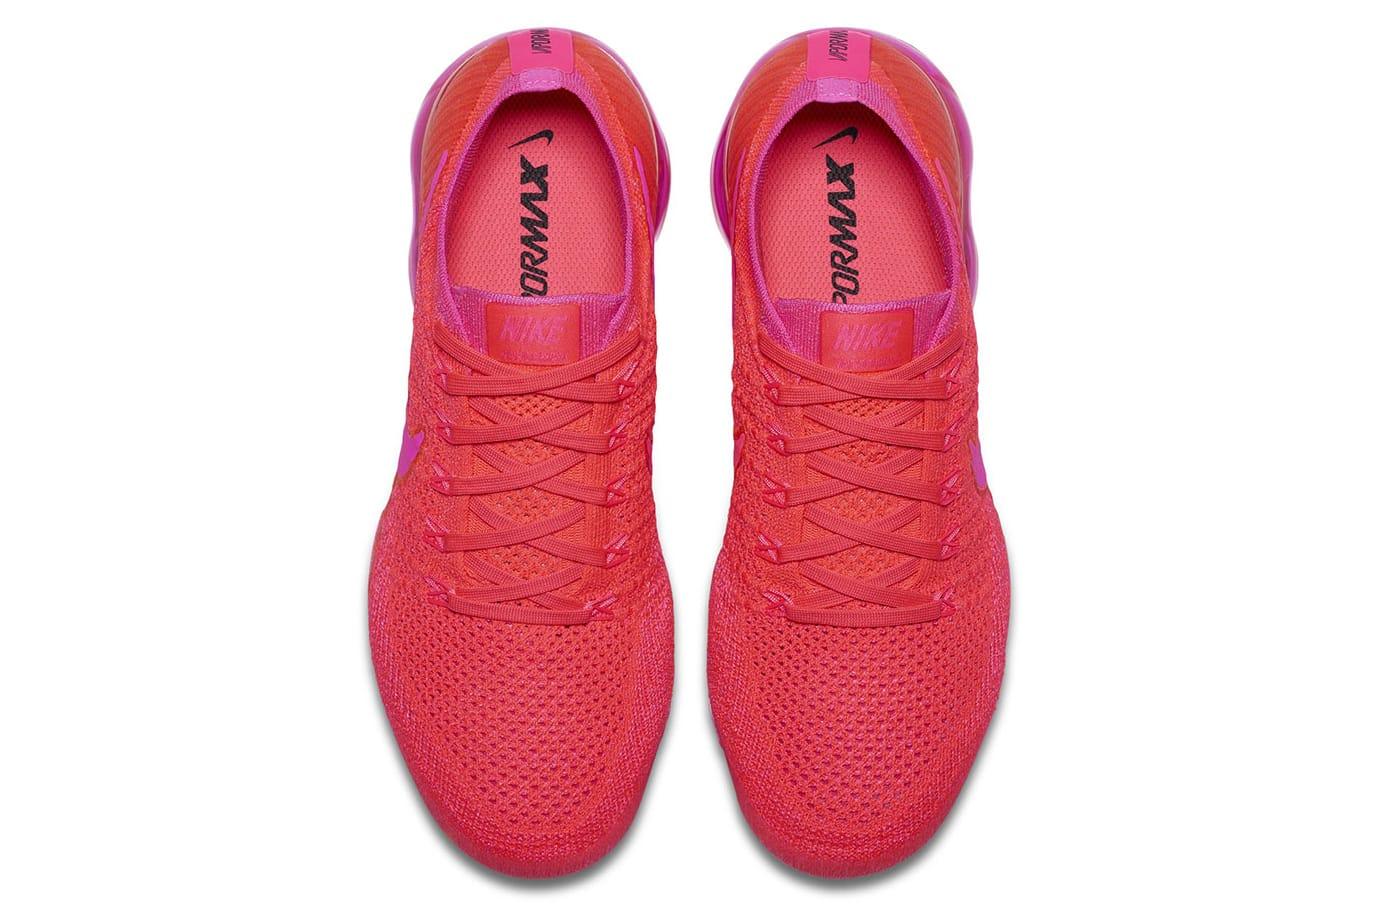 hot pink vapormax